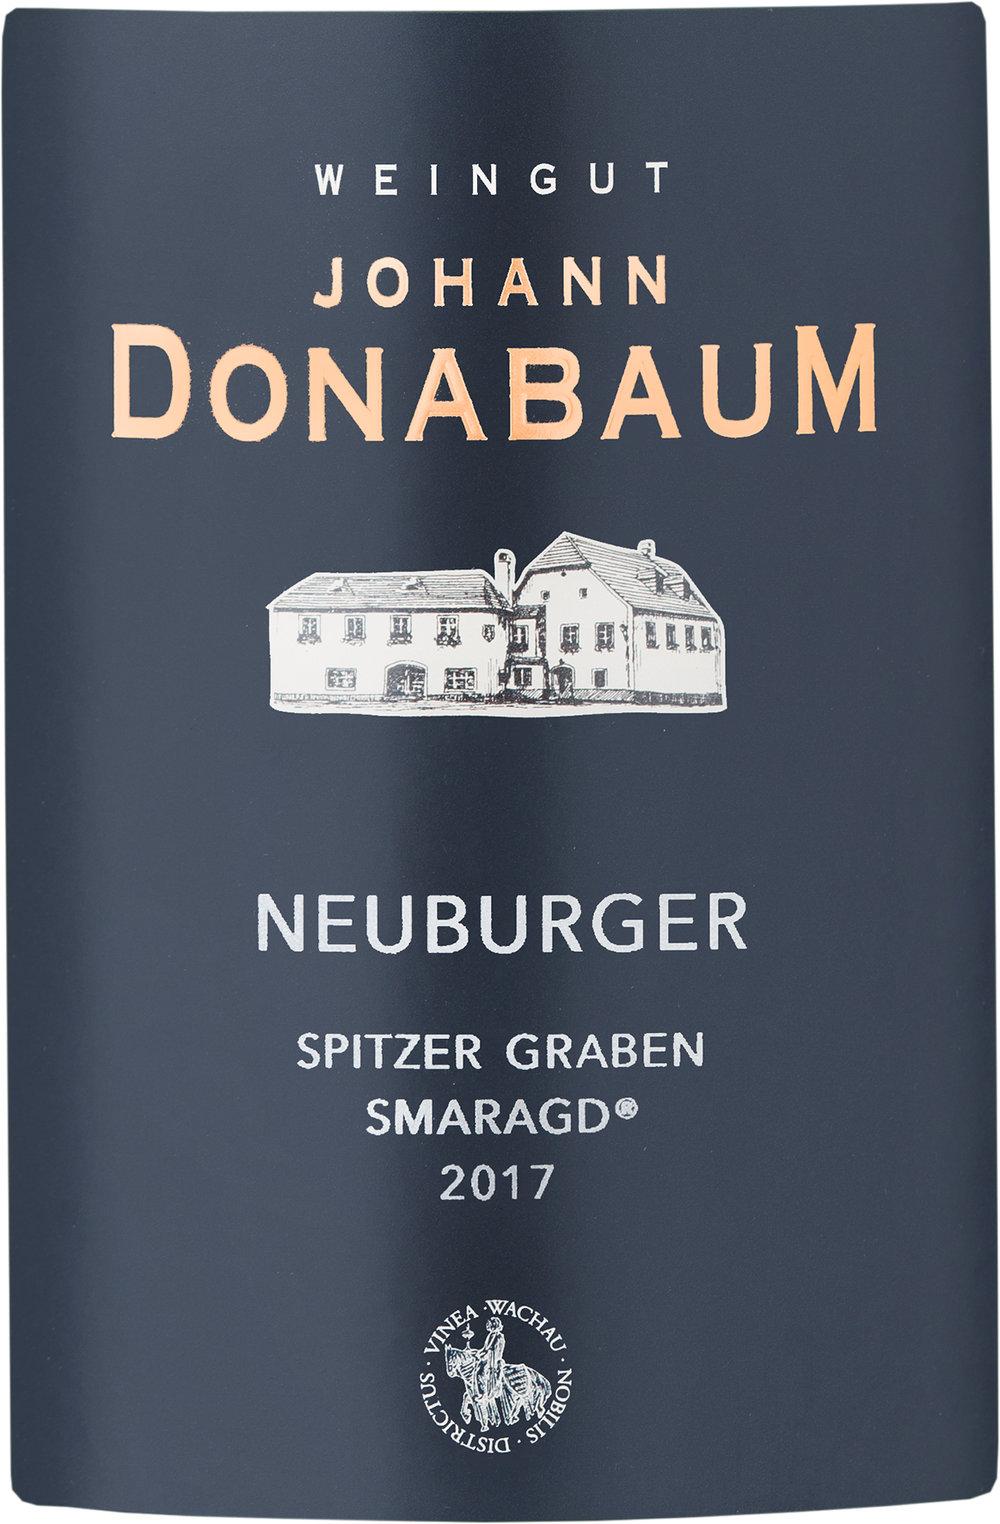 Neuburger-Spitzer-Graben.jpg